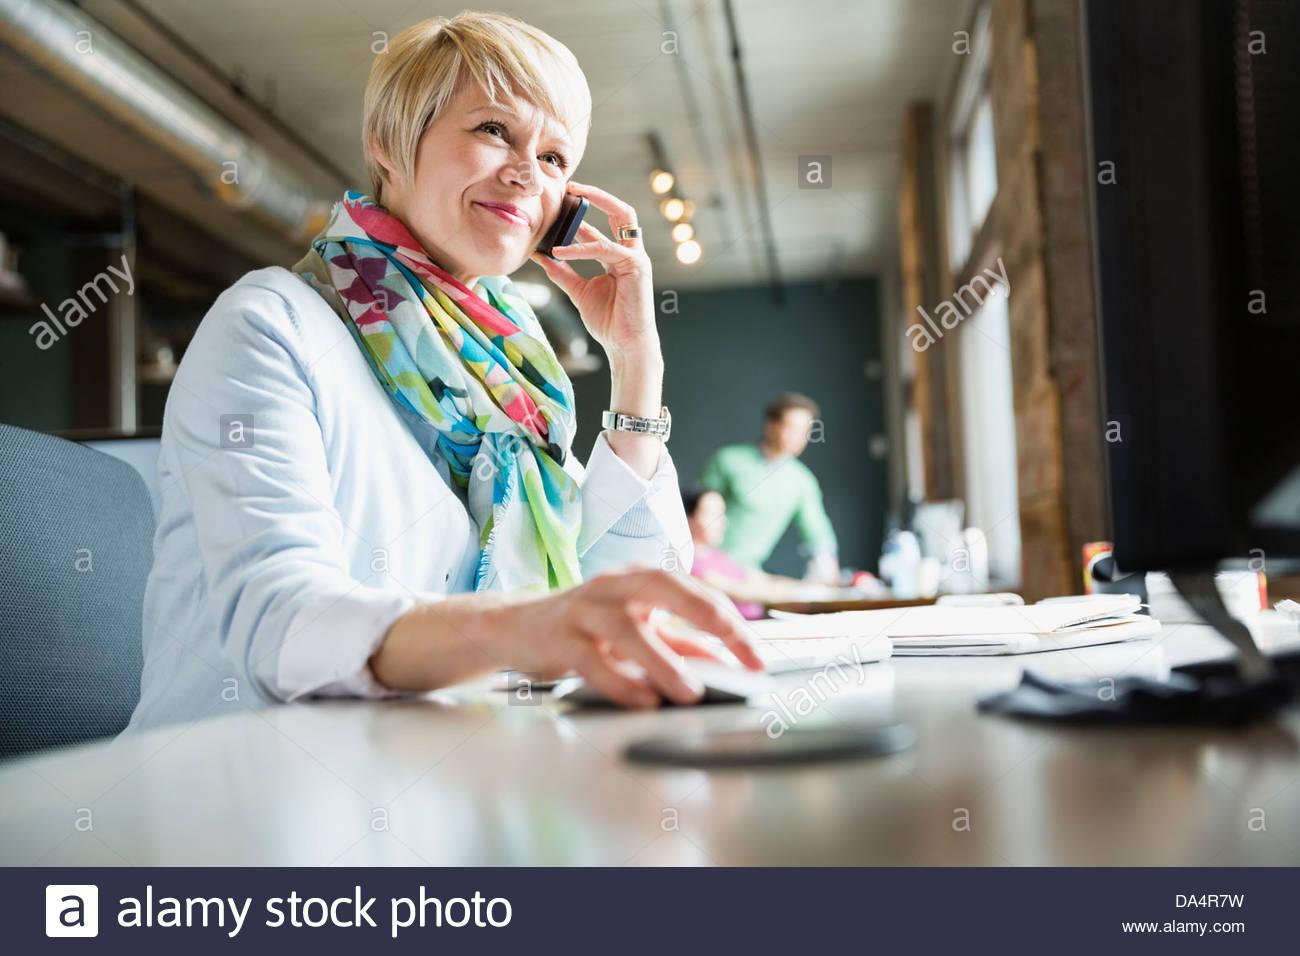 Female entrepreneur using mobile phone at desk - Stock Image